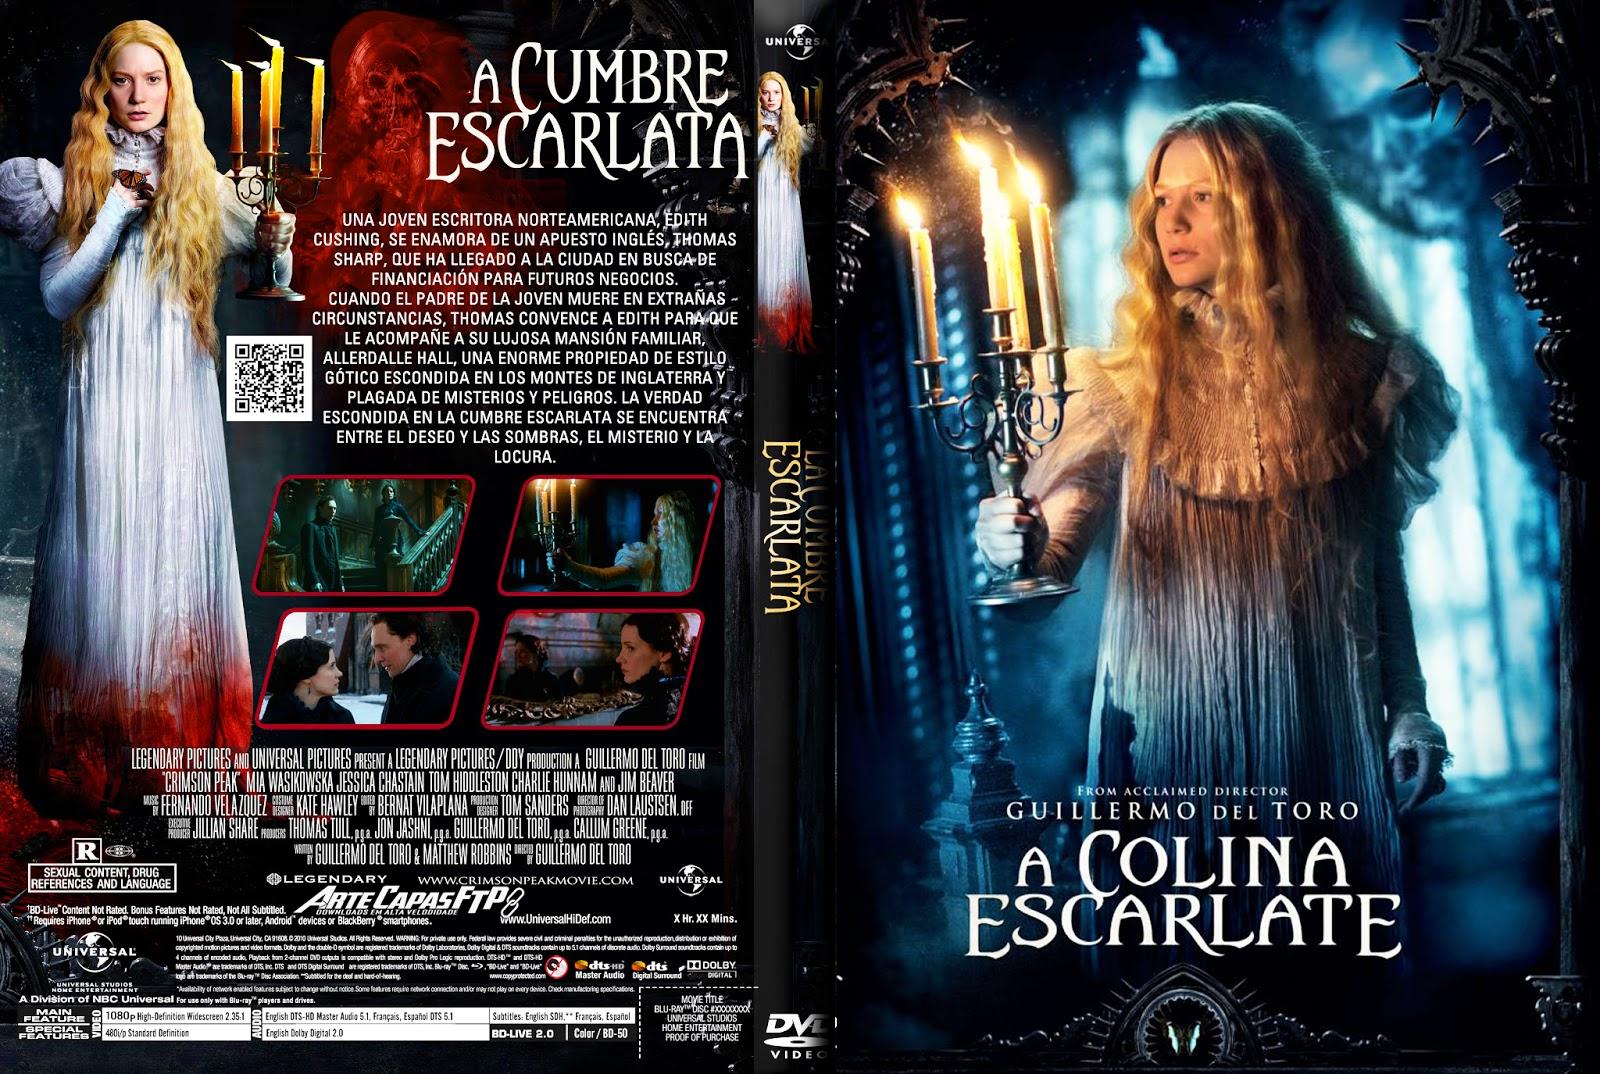 A Colina Escarlate DVD-R A 2BColina 2BEscarlate 2BDVD R 2B  2BXANDAO 2BDOWNLOAD